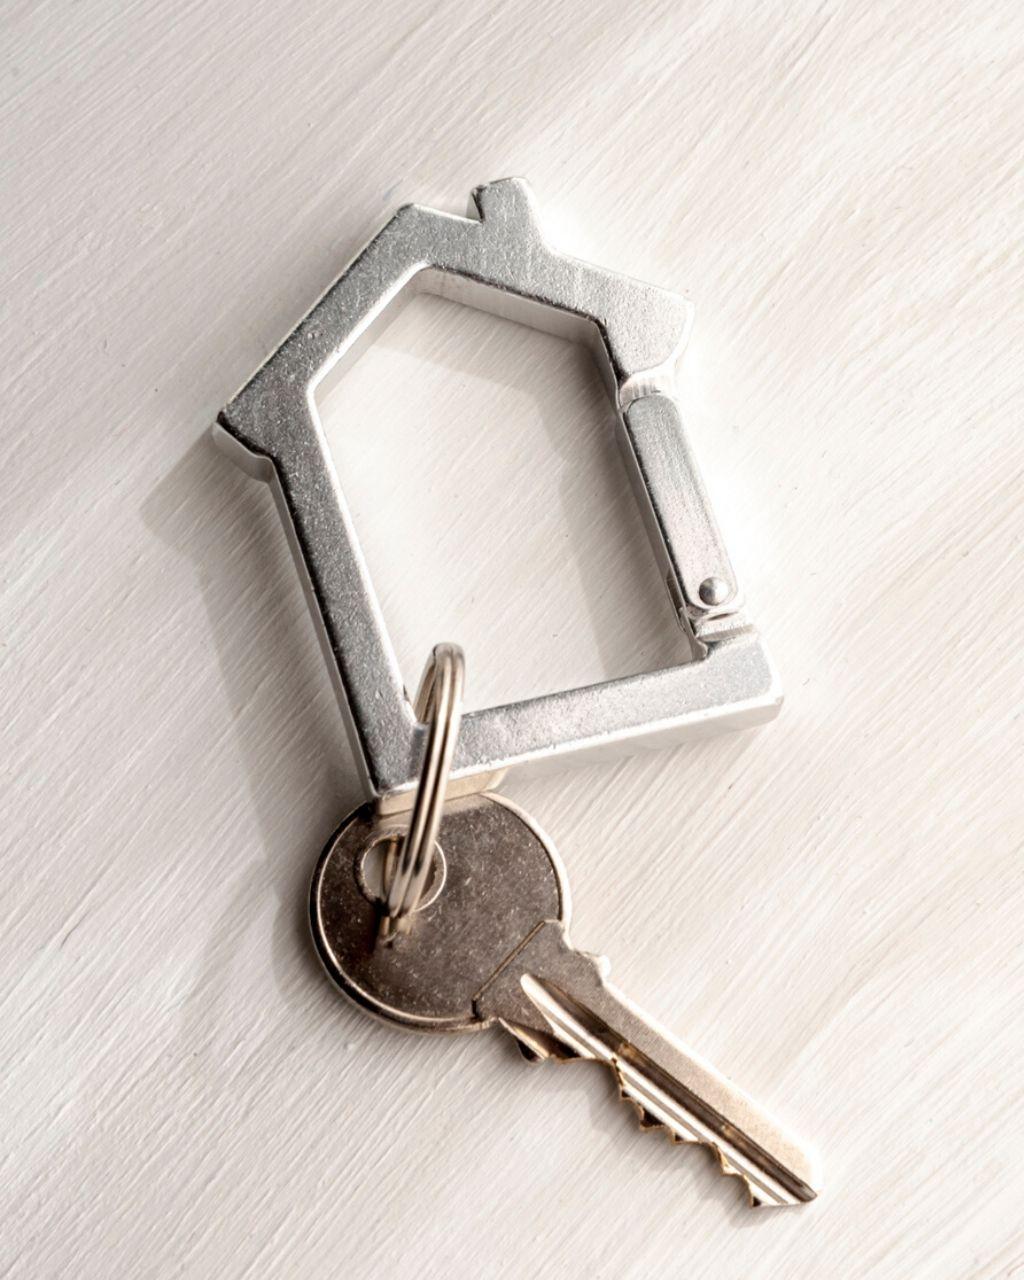 Jak zabezpieczyć mieszkanie przed kradzieżą?